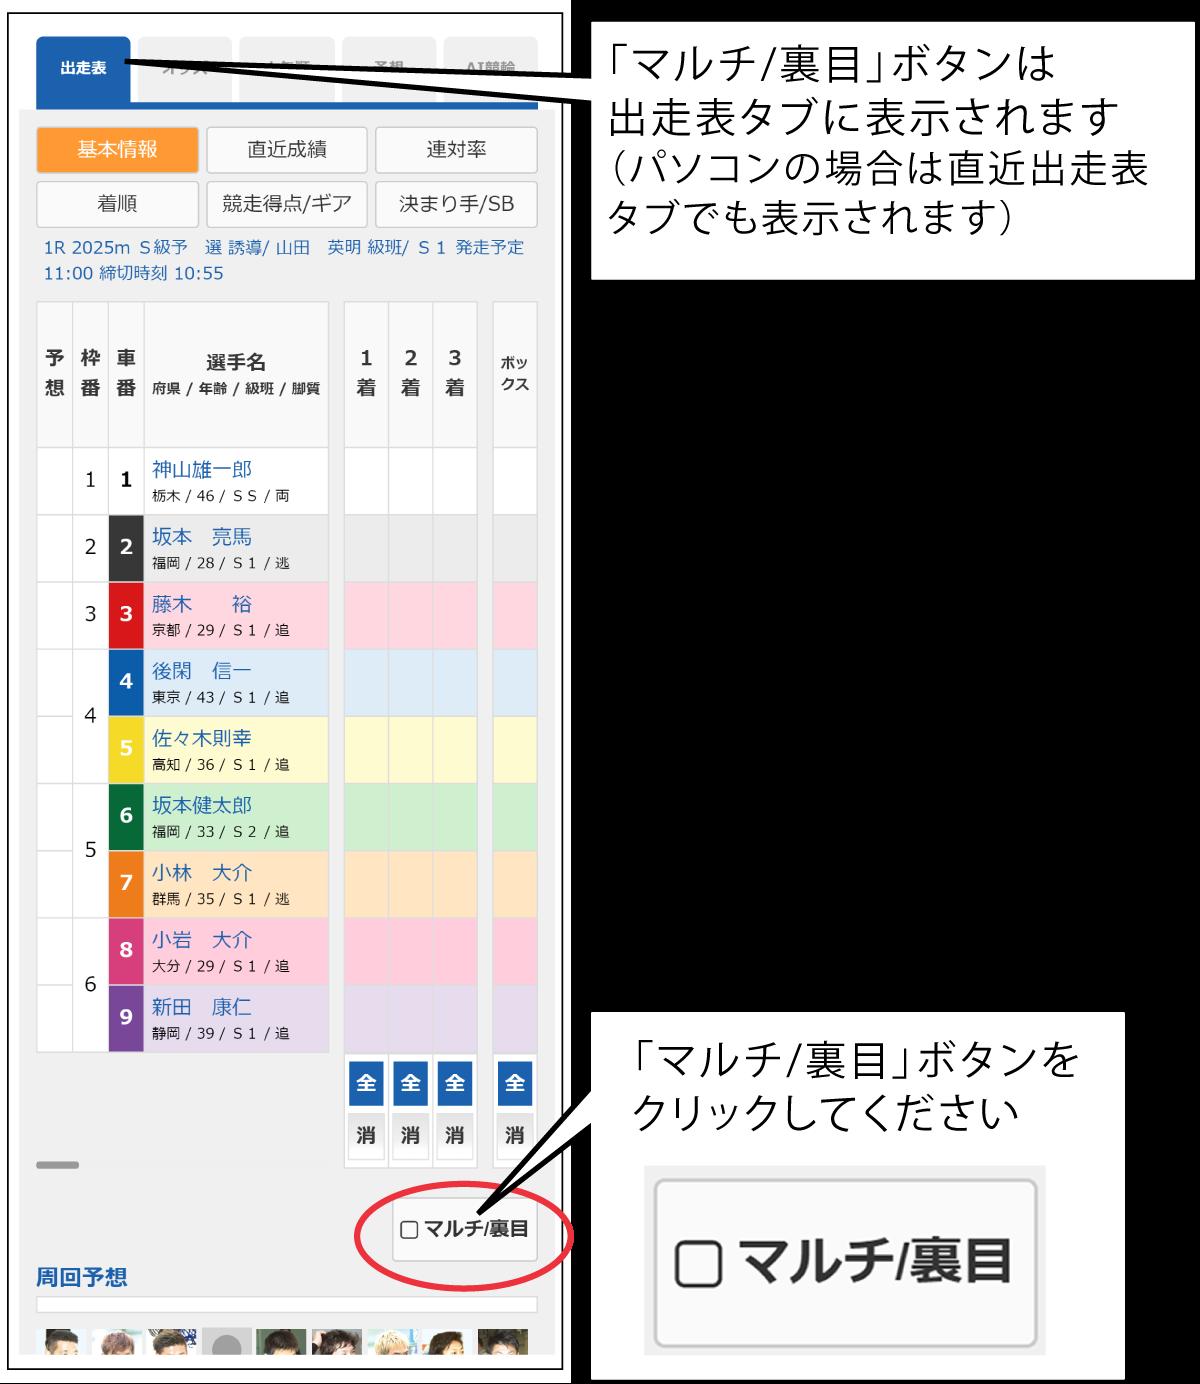 マルチ/裏目1